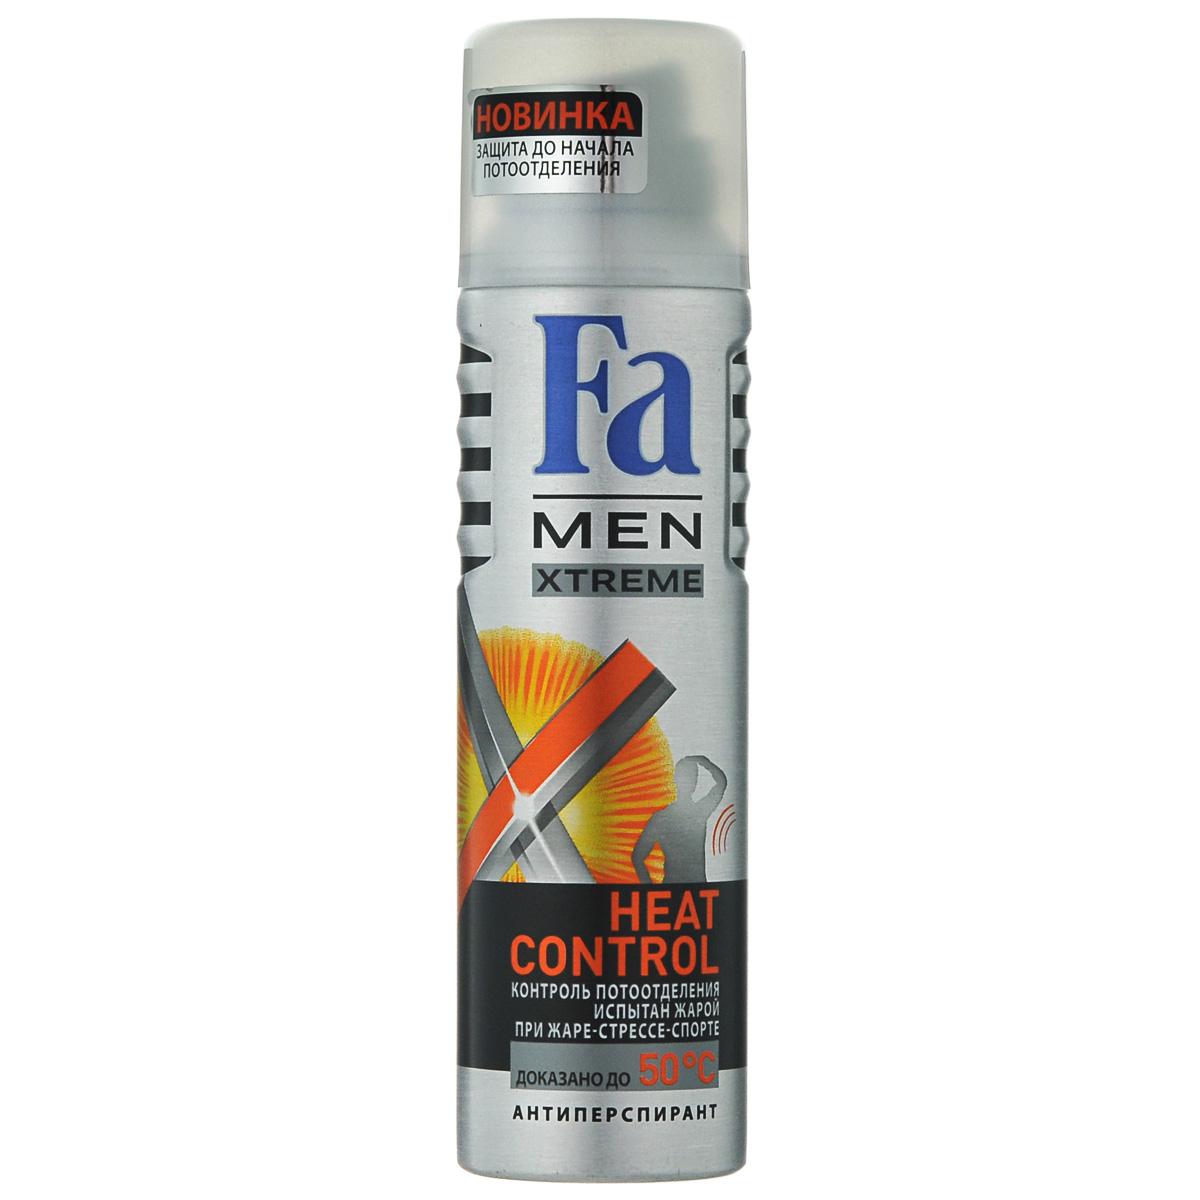 Fa MEN Дезодорант-антиперспирант аэрозоль Xtreme Heat Control, 150 мл120836596FA MEN Xtreme Heat Control. При повышении температуры усовершенствованная формула усиливает уровень защиты для экстремального контроля над потом в любой ситуации.Инновационная технология Sweat Detect борется с потом еще до его появления. Клинические испытания доказали эффективную защиту против пота и запаха, даже в экстремально жарких условиях. Протестирован при tдо 50°C.Также почувствуйте притягательную свежесть, принимая душ с гелем для душа Fa Men Xtreme.